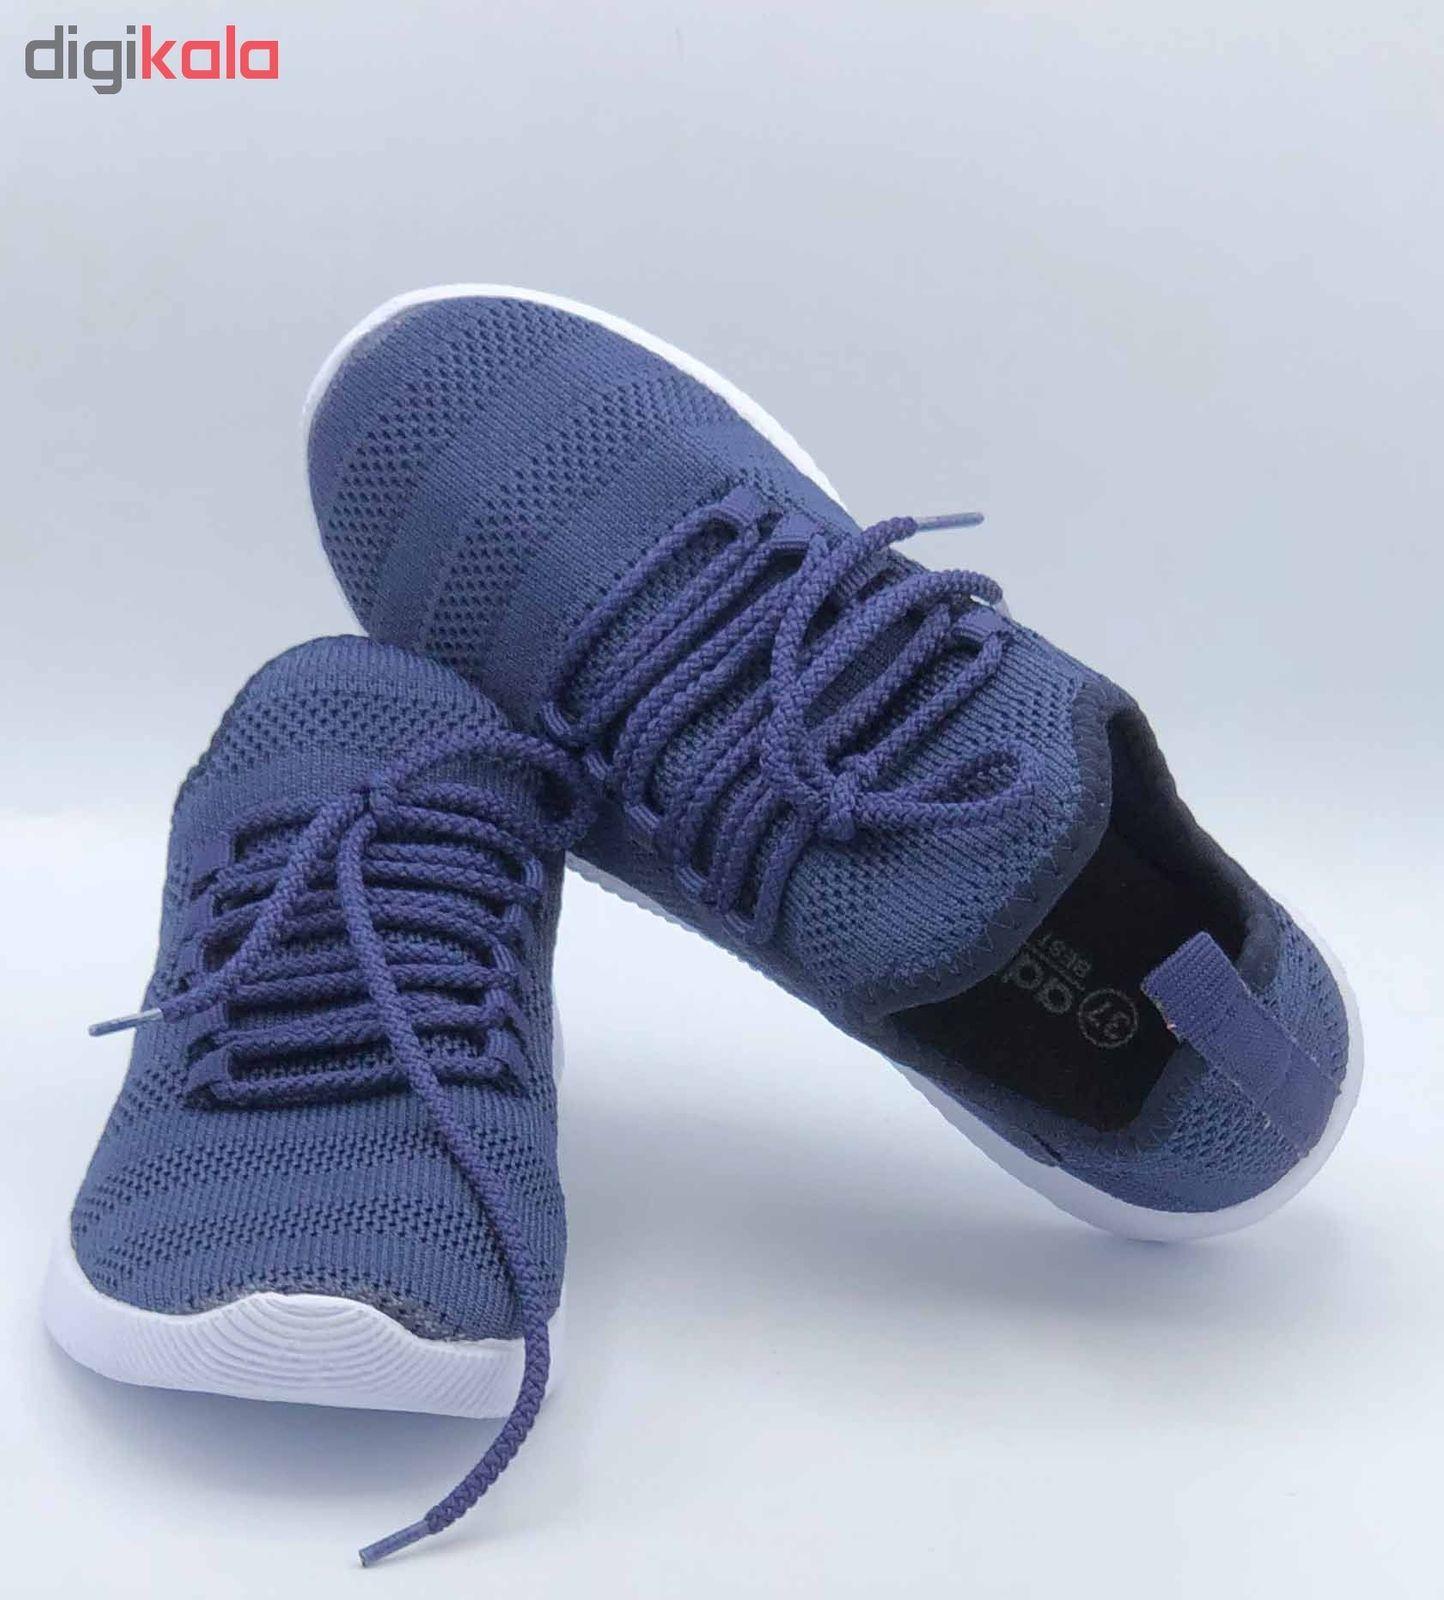 کفش مخصوص پیاده روی مردانه کد 3011 main 1 2